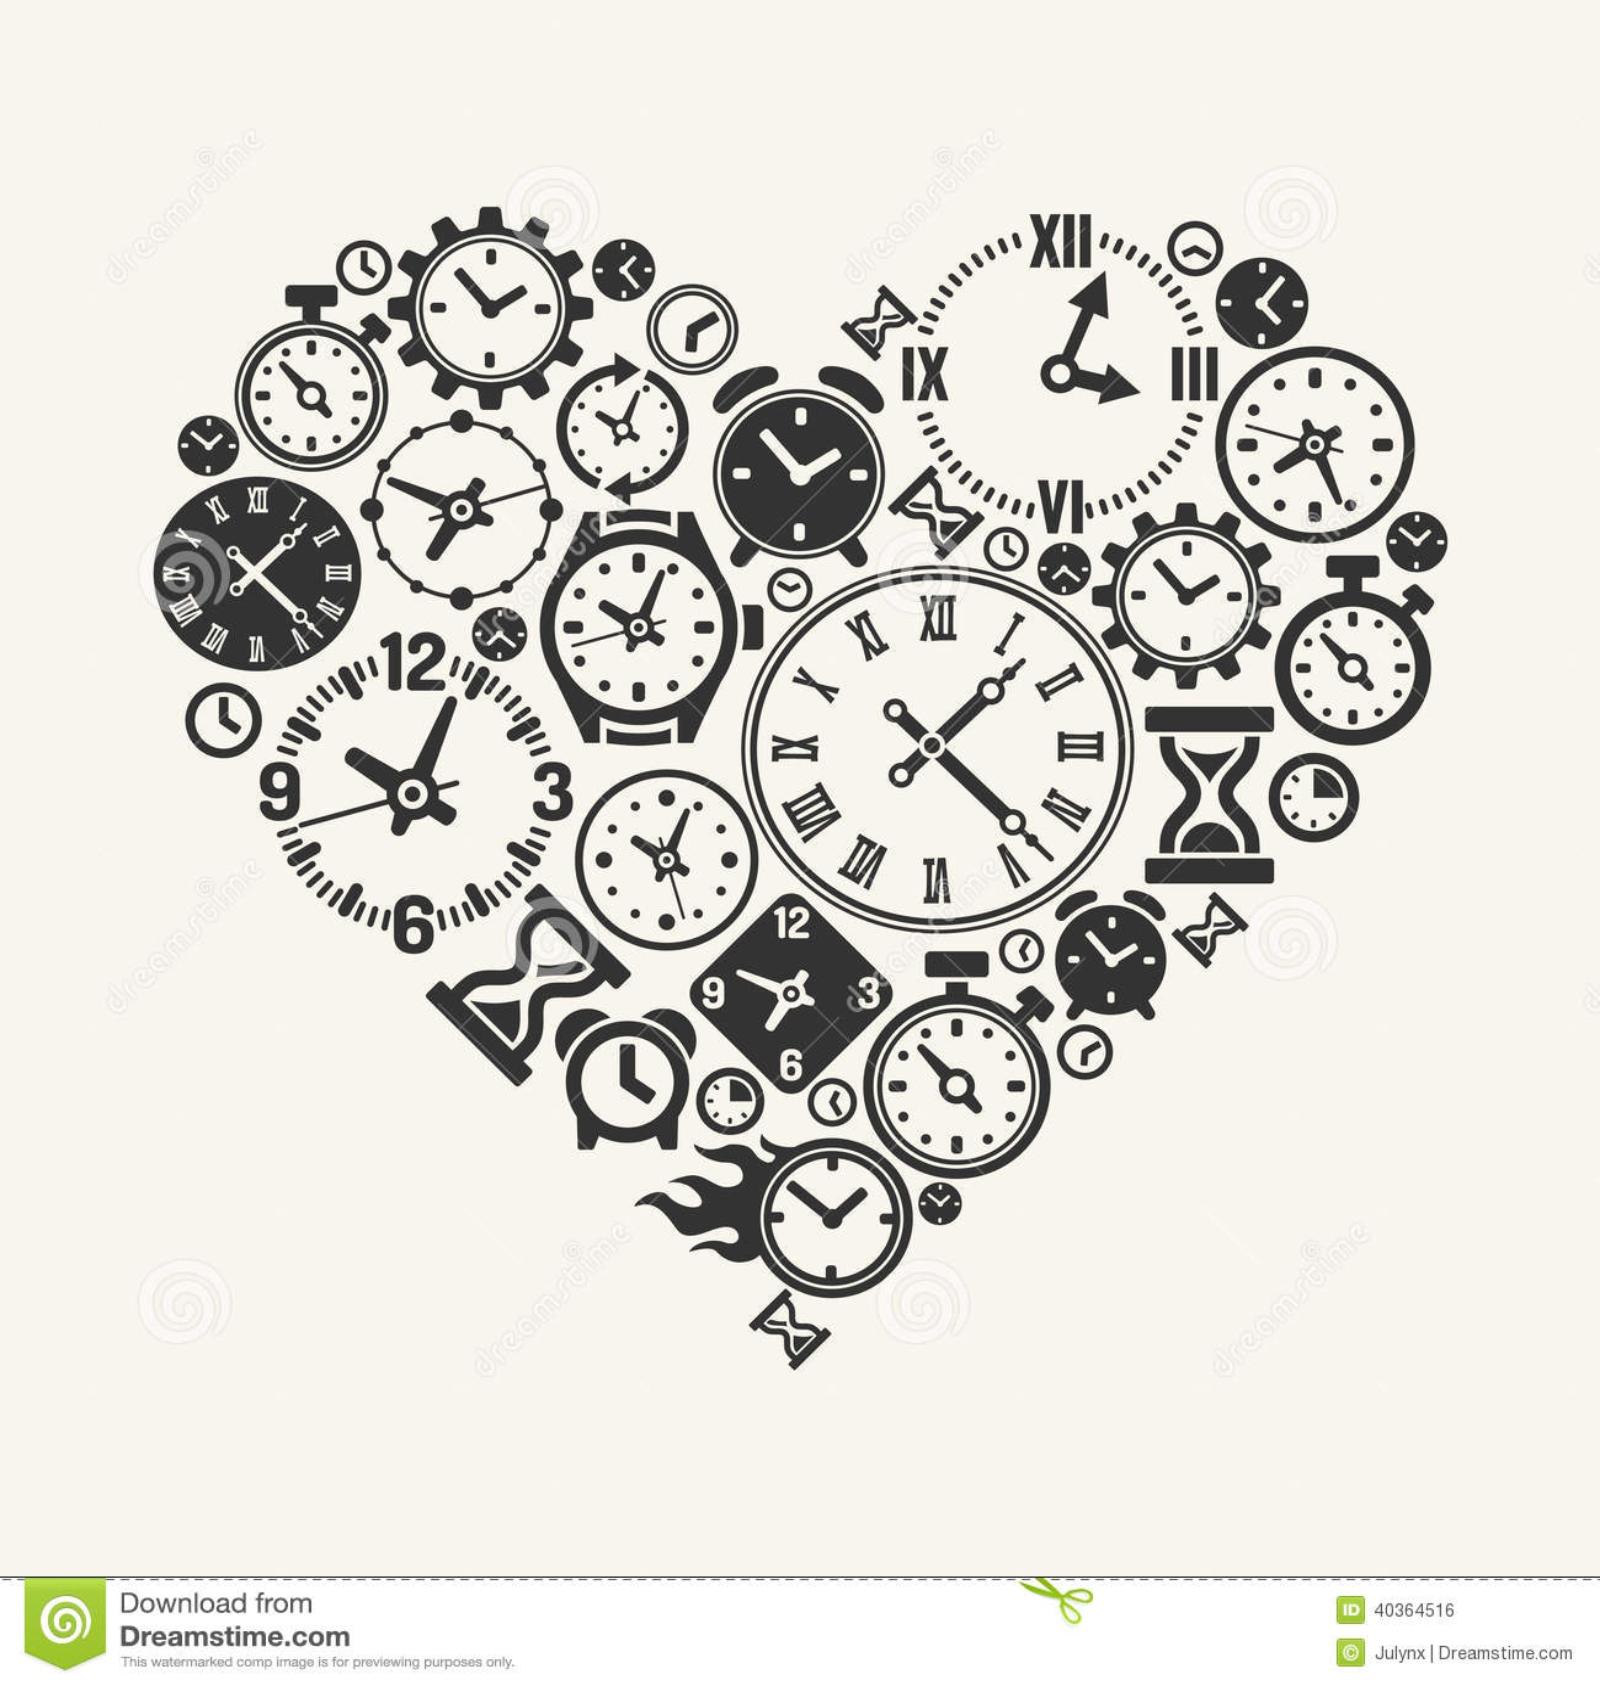 symbole de l 39 amour pour toujours illustration de vecteur image 40364516. Black Bedroom Furniture Sets. Home Design Ideas